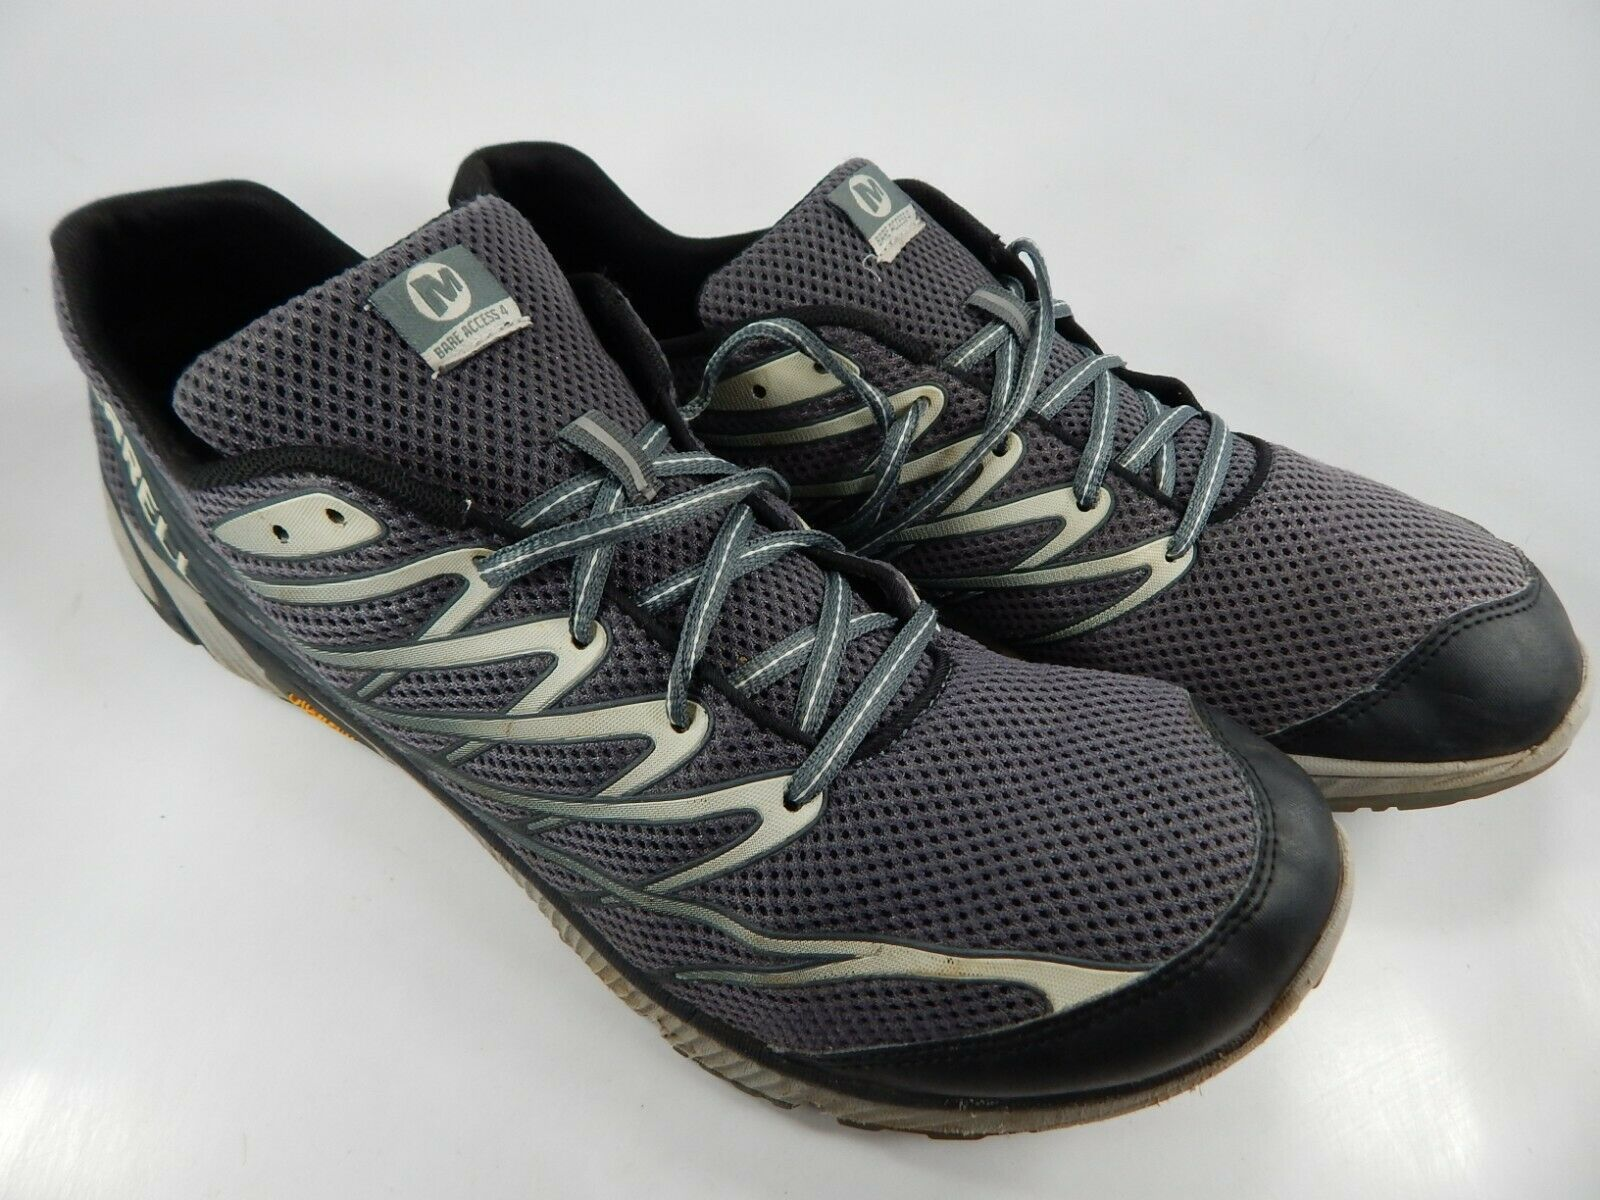 Merrell Bare Access 4 Misure USA 15 M (D) Eu 50 Uomo Scarpe da Corsa Trail